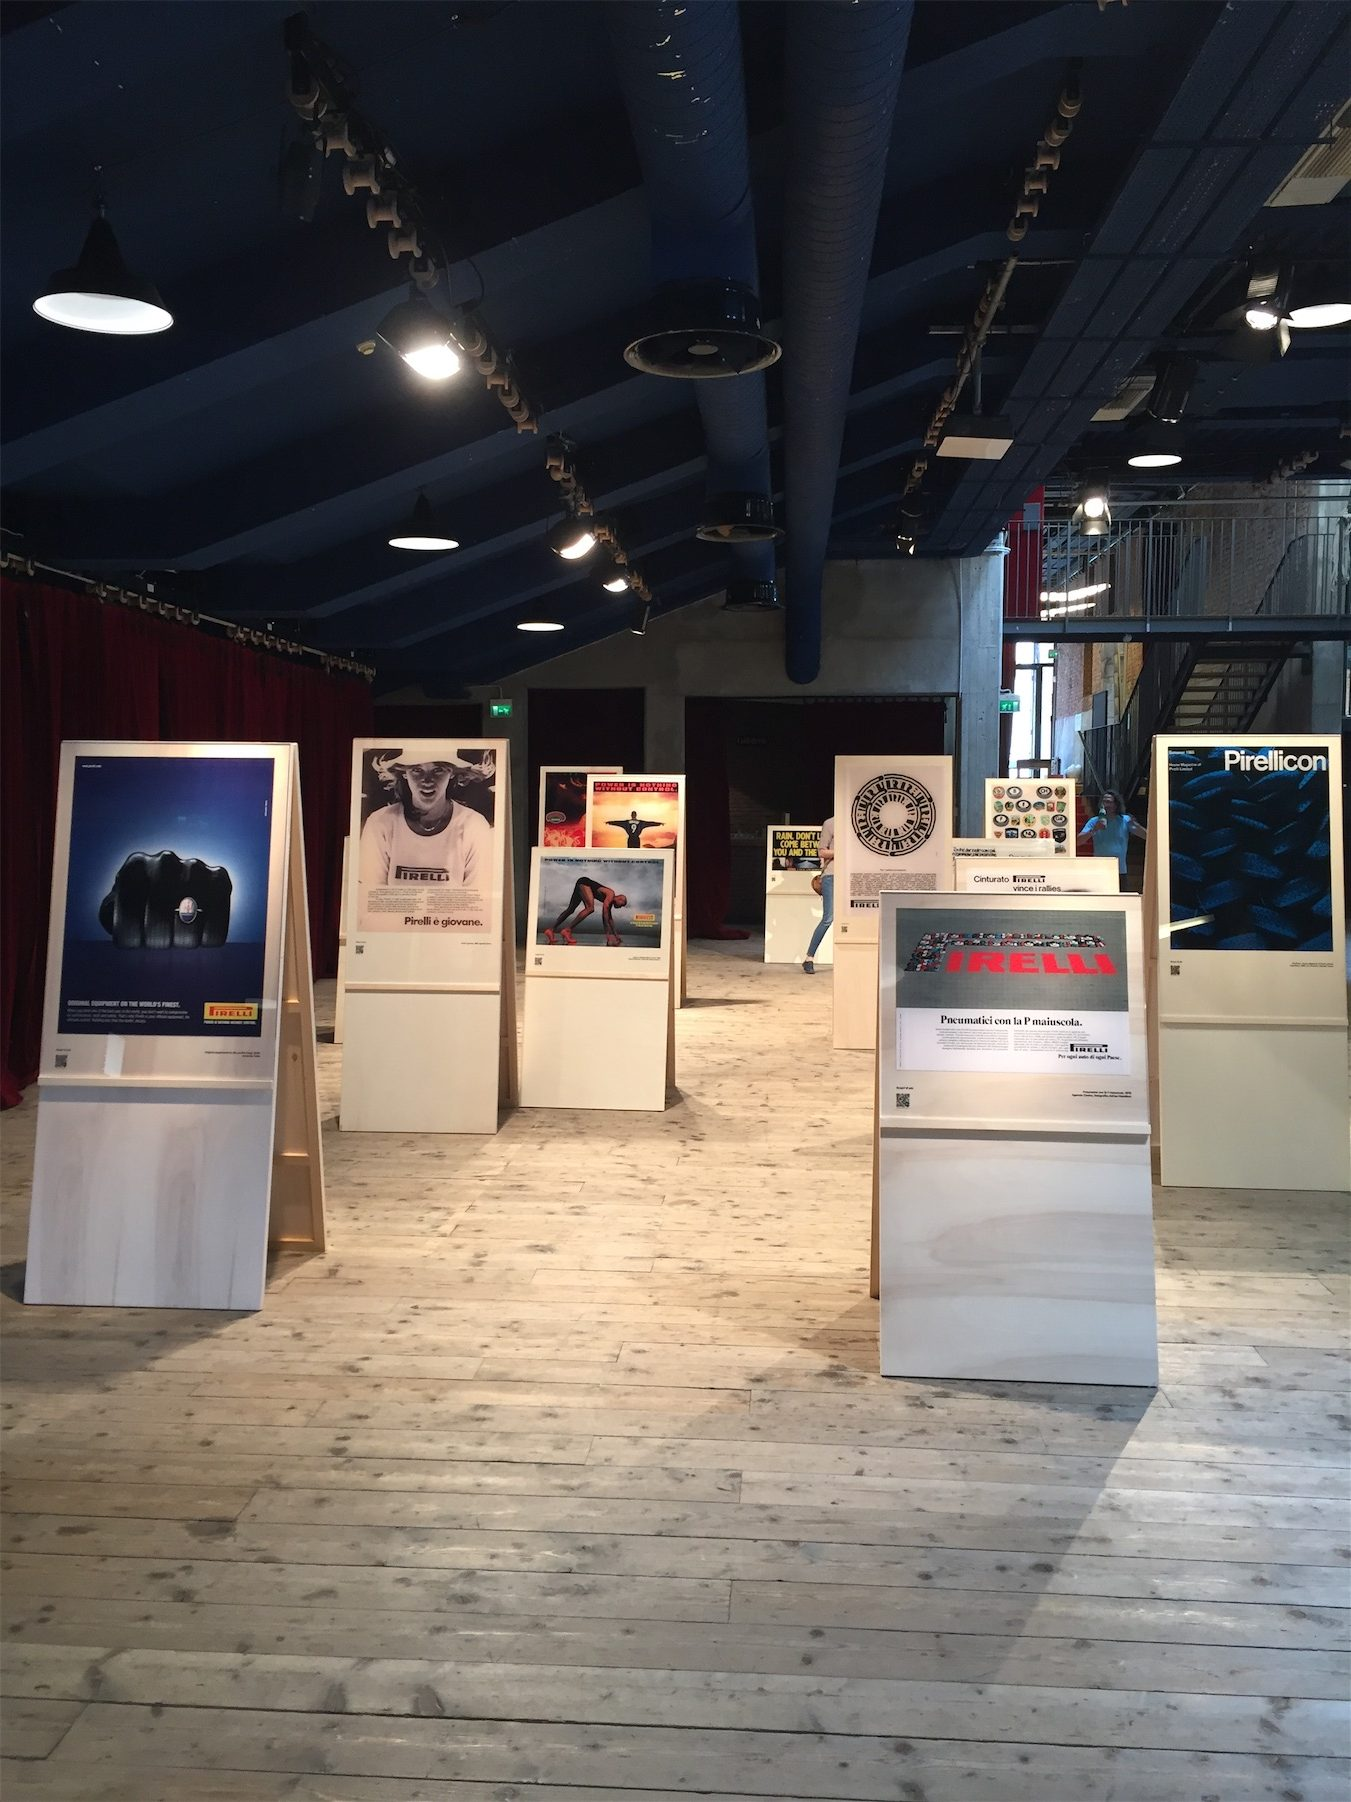 2017, Pirelli, Milano, Teatro Parenti, La Pubblicità con la P maiuscola